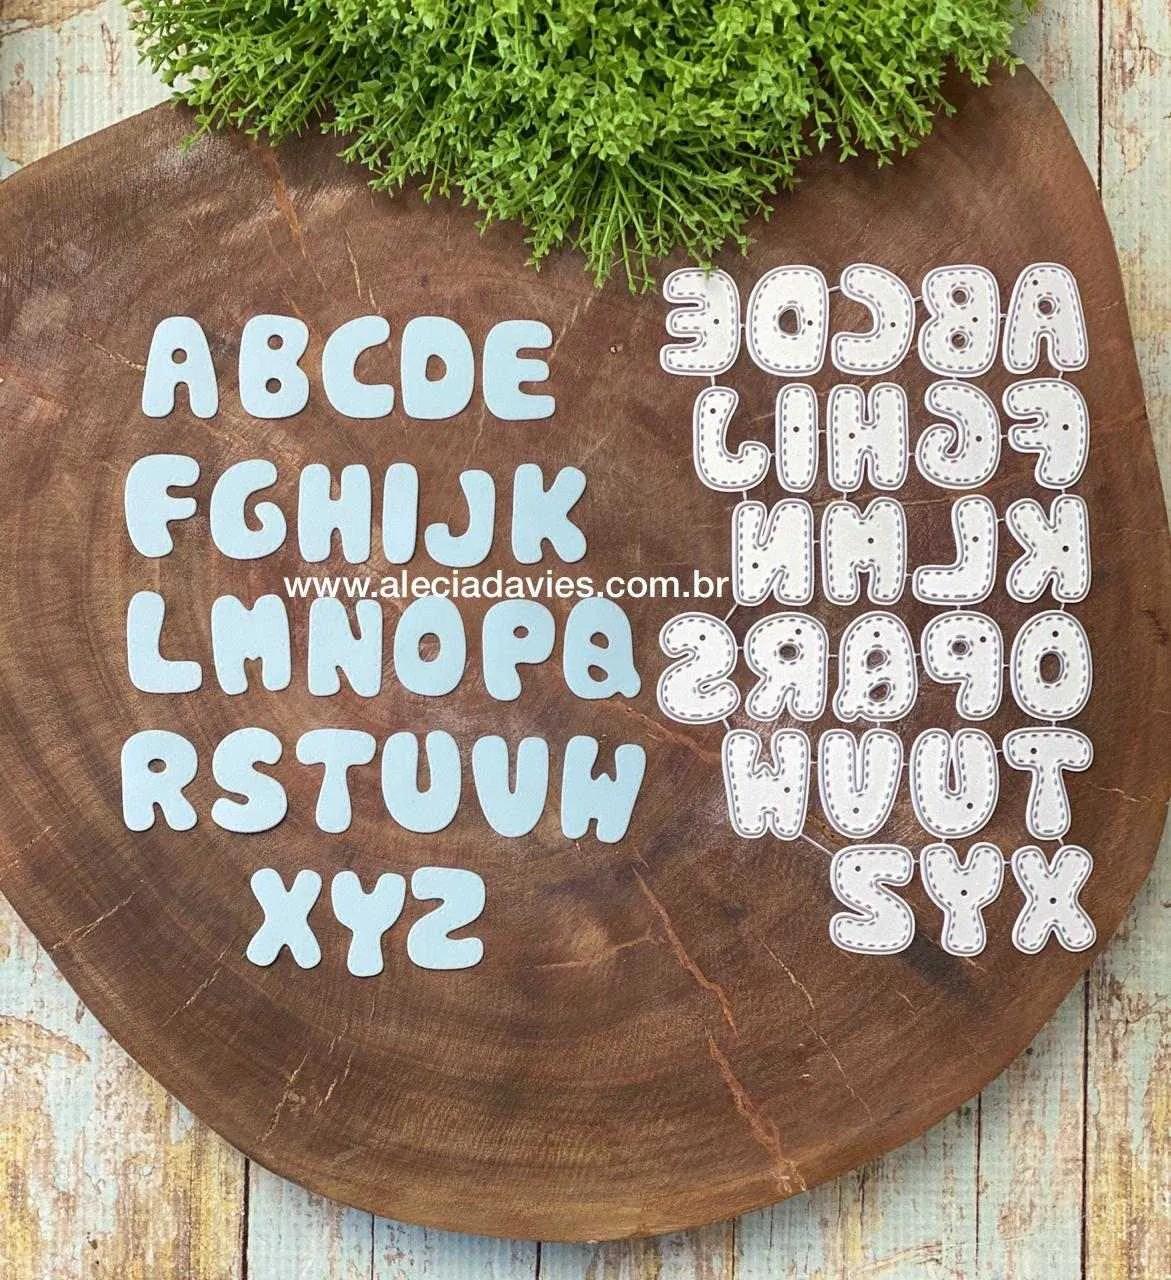 Alfabeto costurinha